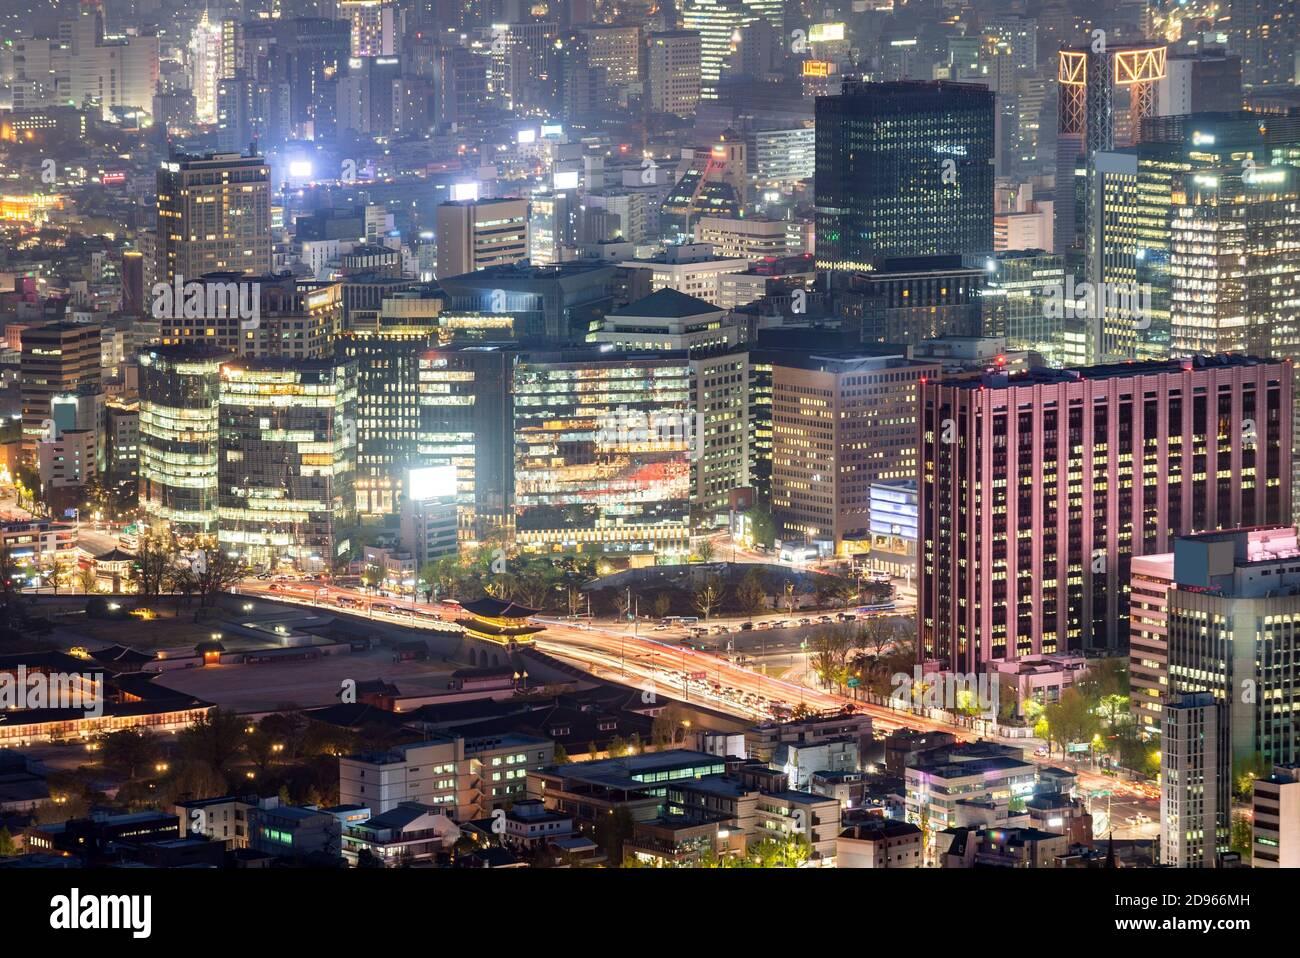 Vue aérienne au coucher du soleil et de nuit sur le paysage urbain du centre-ville de Séoul en Corée du Sud. Banque D'Images